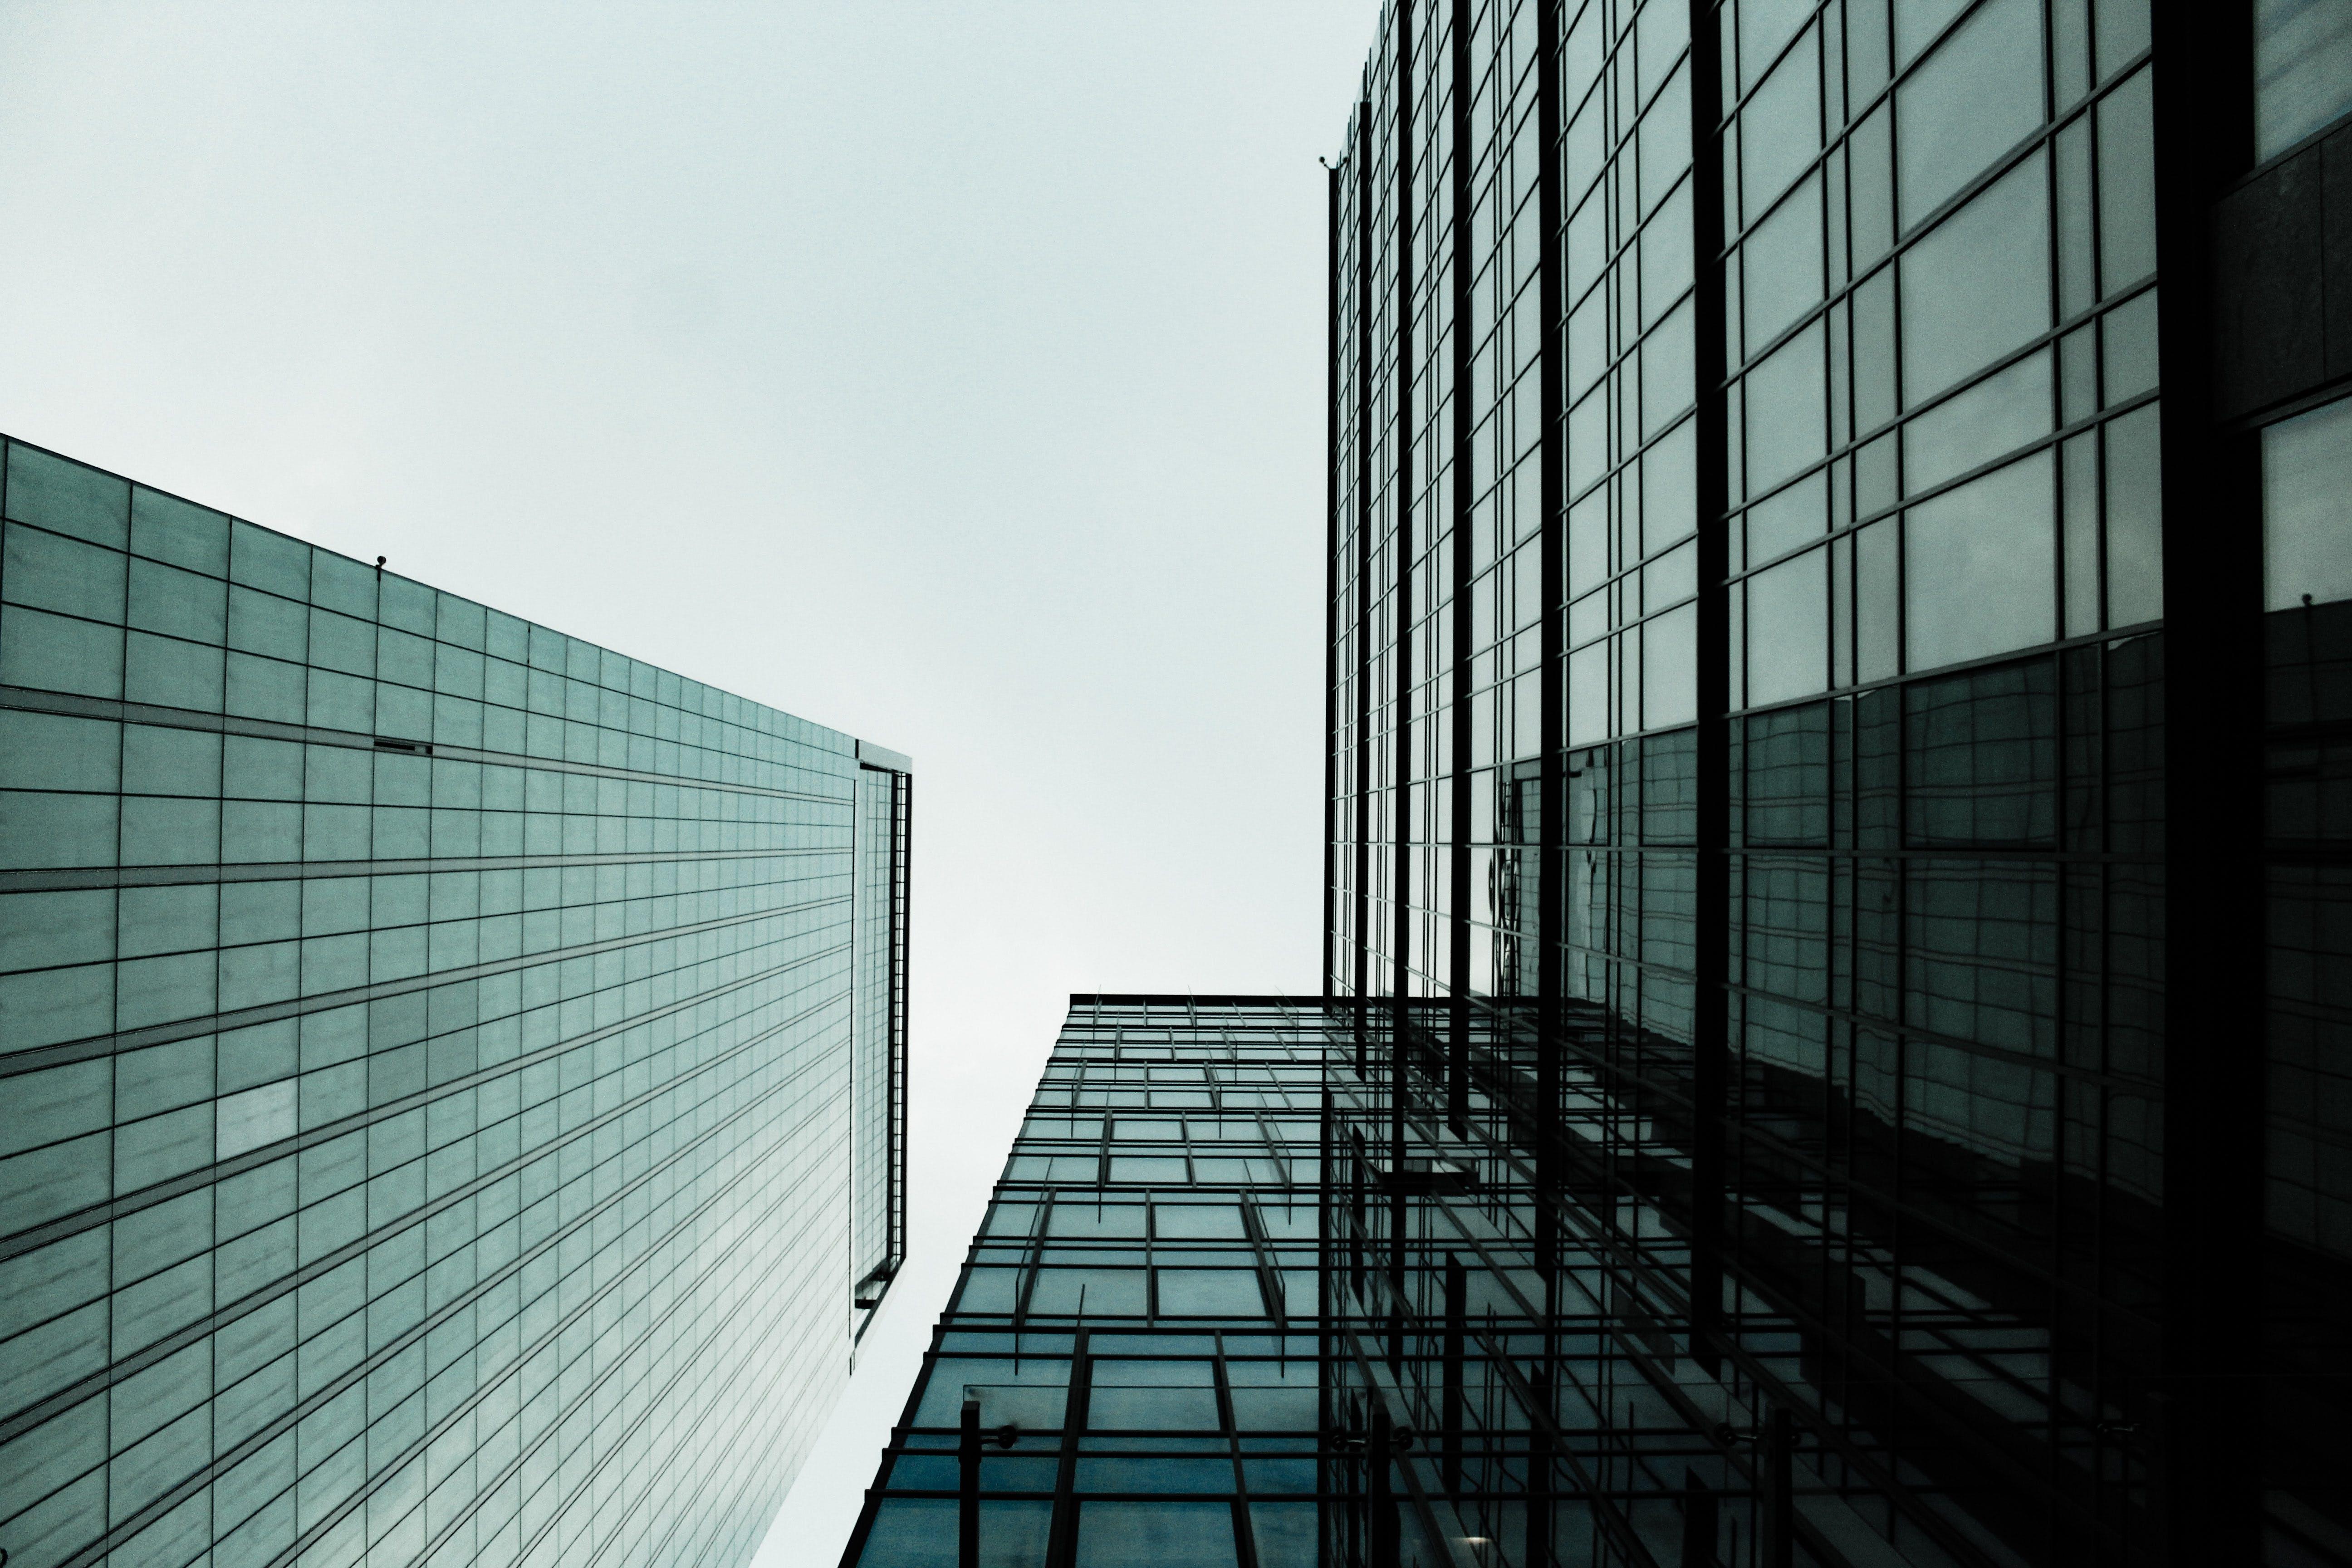 Kostenloses Stock Foto zu architektur, aufnahme von unten, fassade, gebäude